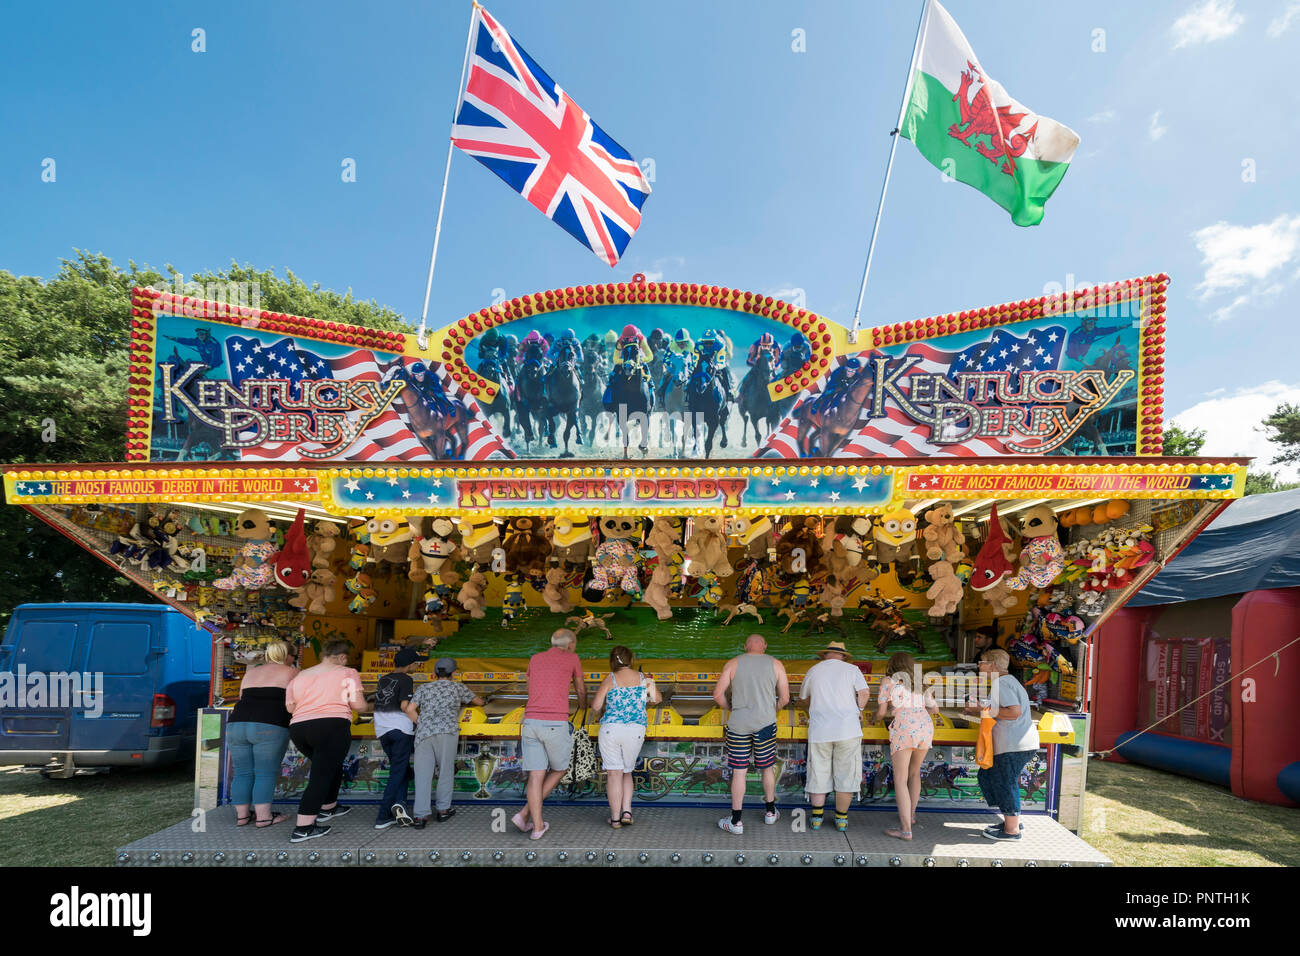 Abergele Carnaval y suerte 14 de julio de 2018 en la costa de Gales del Norte, Kentucky Derby juego de carreras de caballo cale Foto de stock